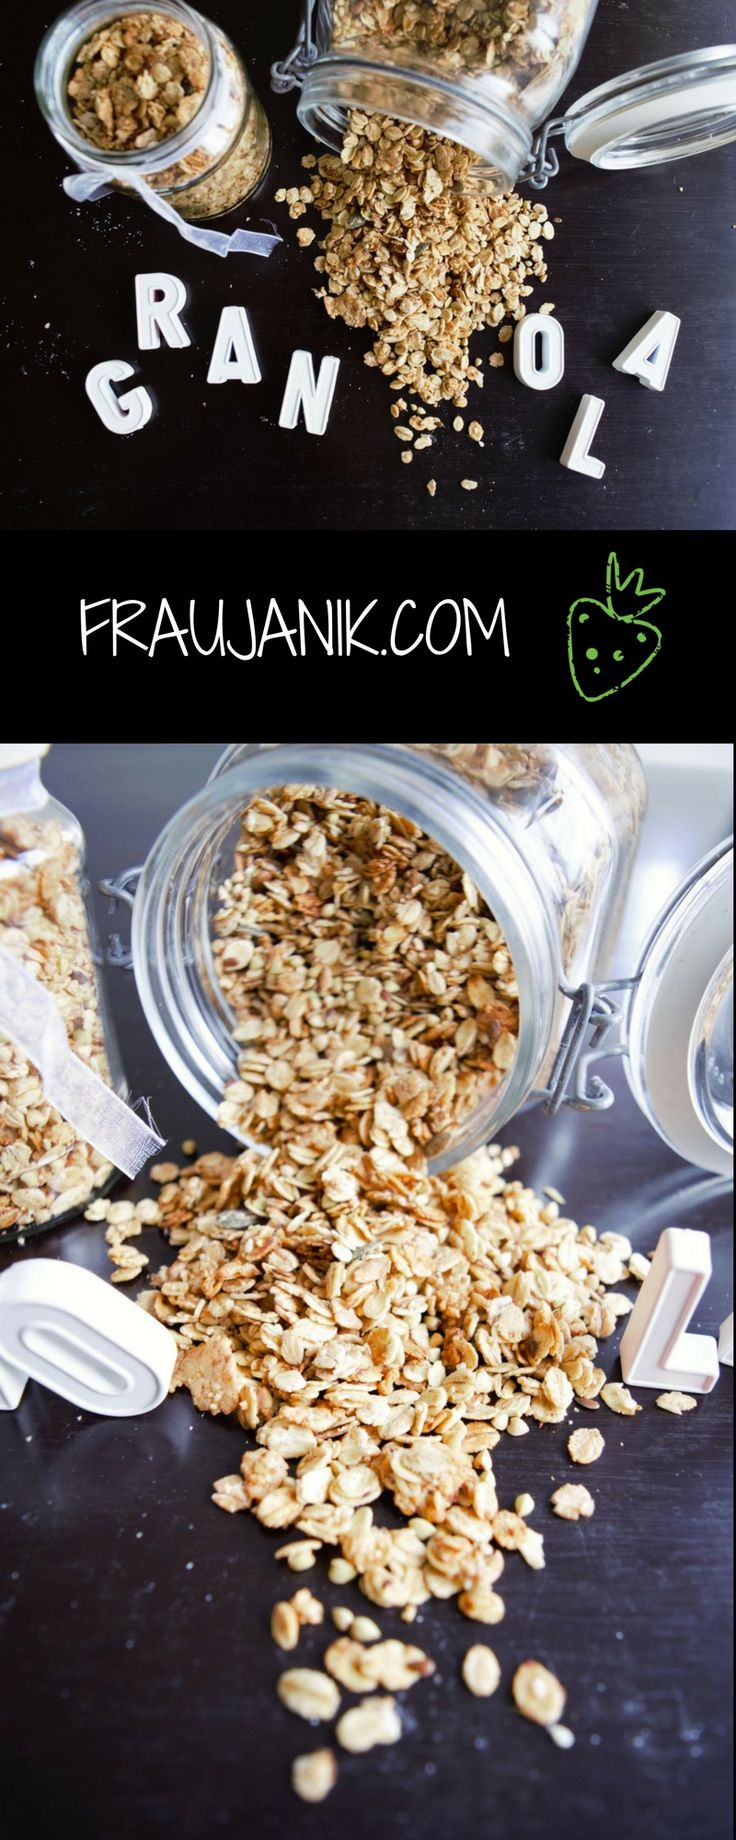 gesundes selbstgemachtes Granola / Knuspermüsli... einfach & schnell gemacht! Sooo crunchy!!